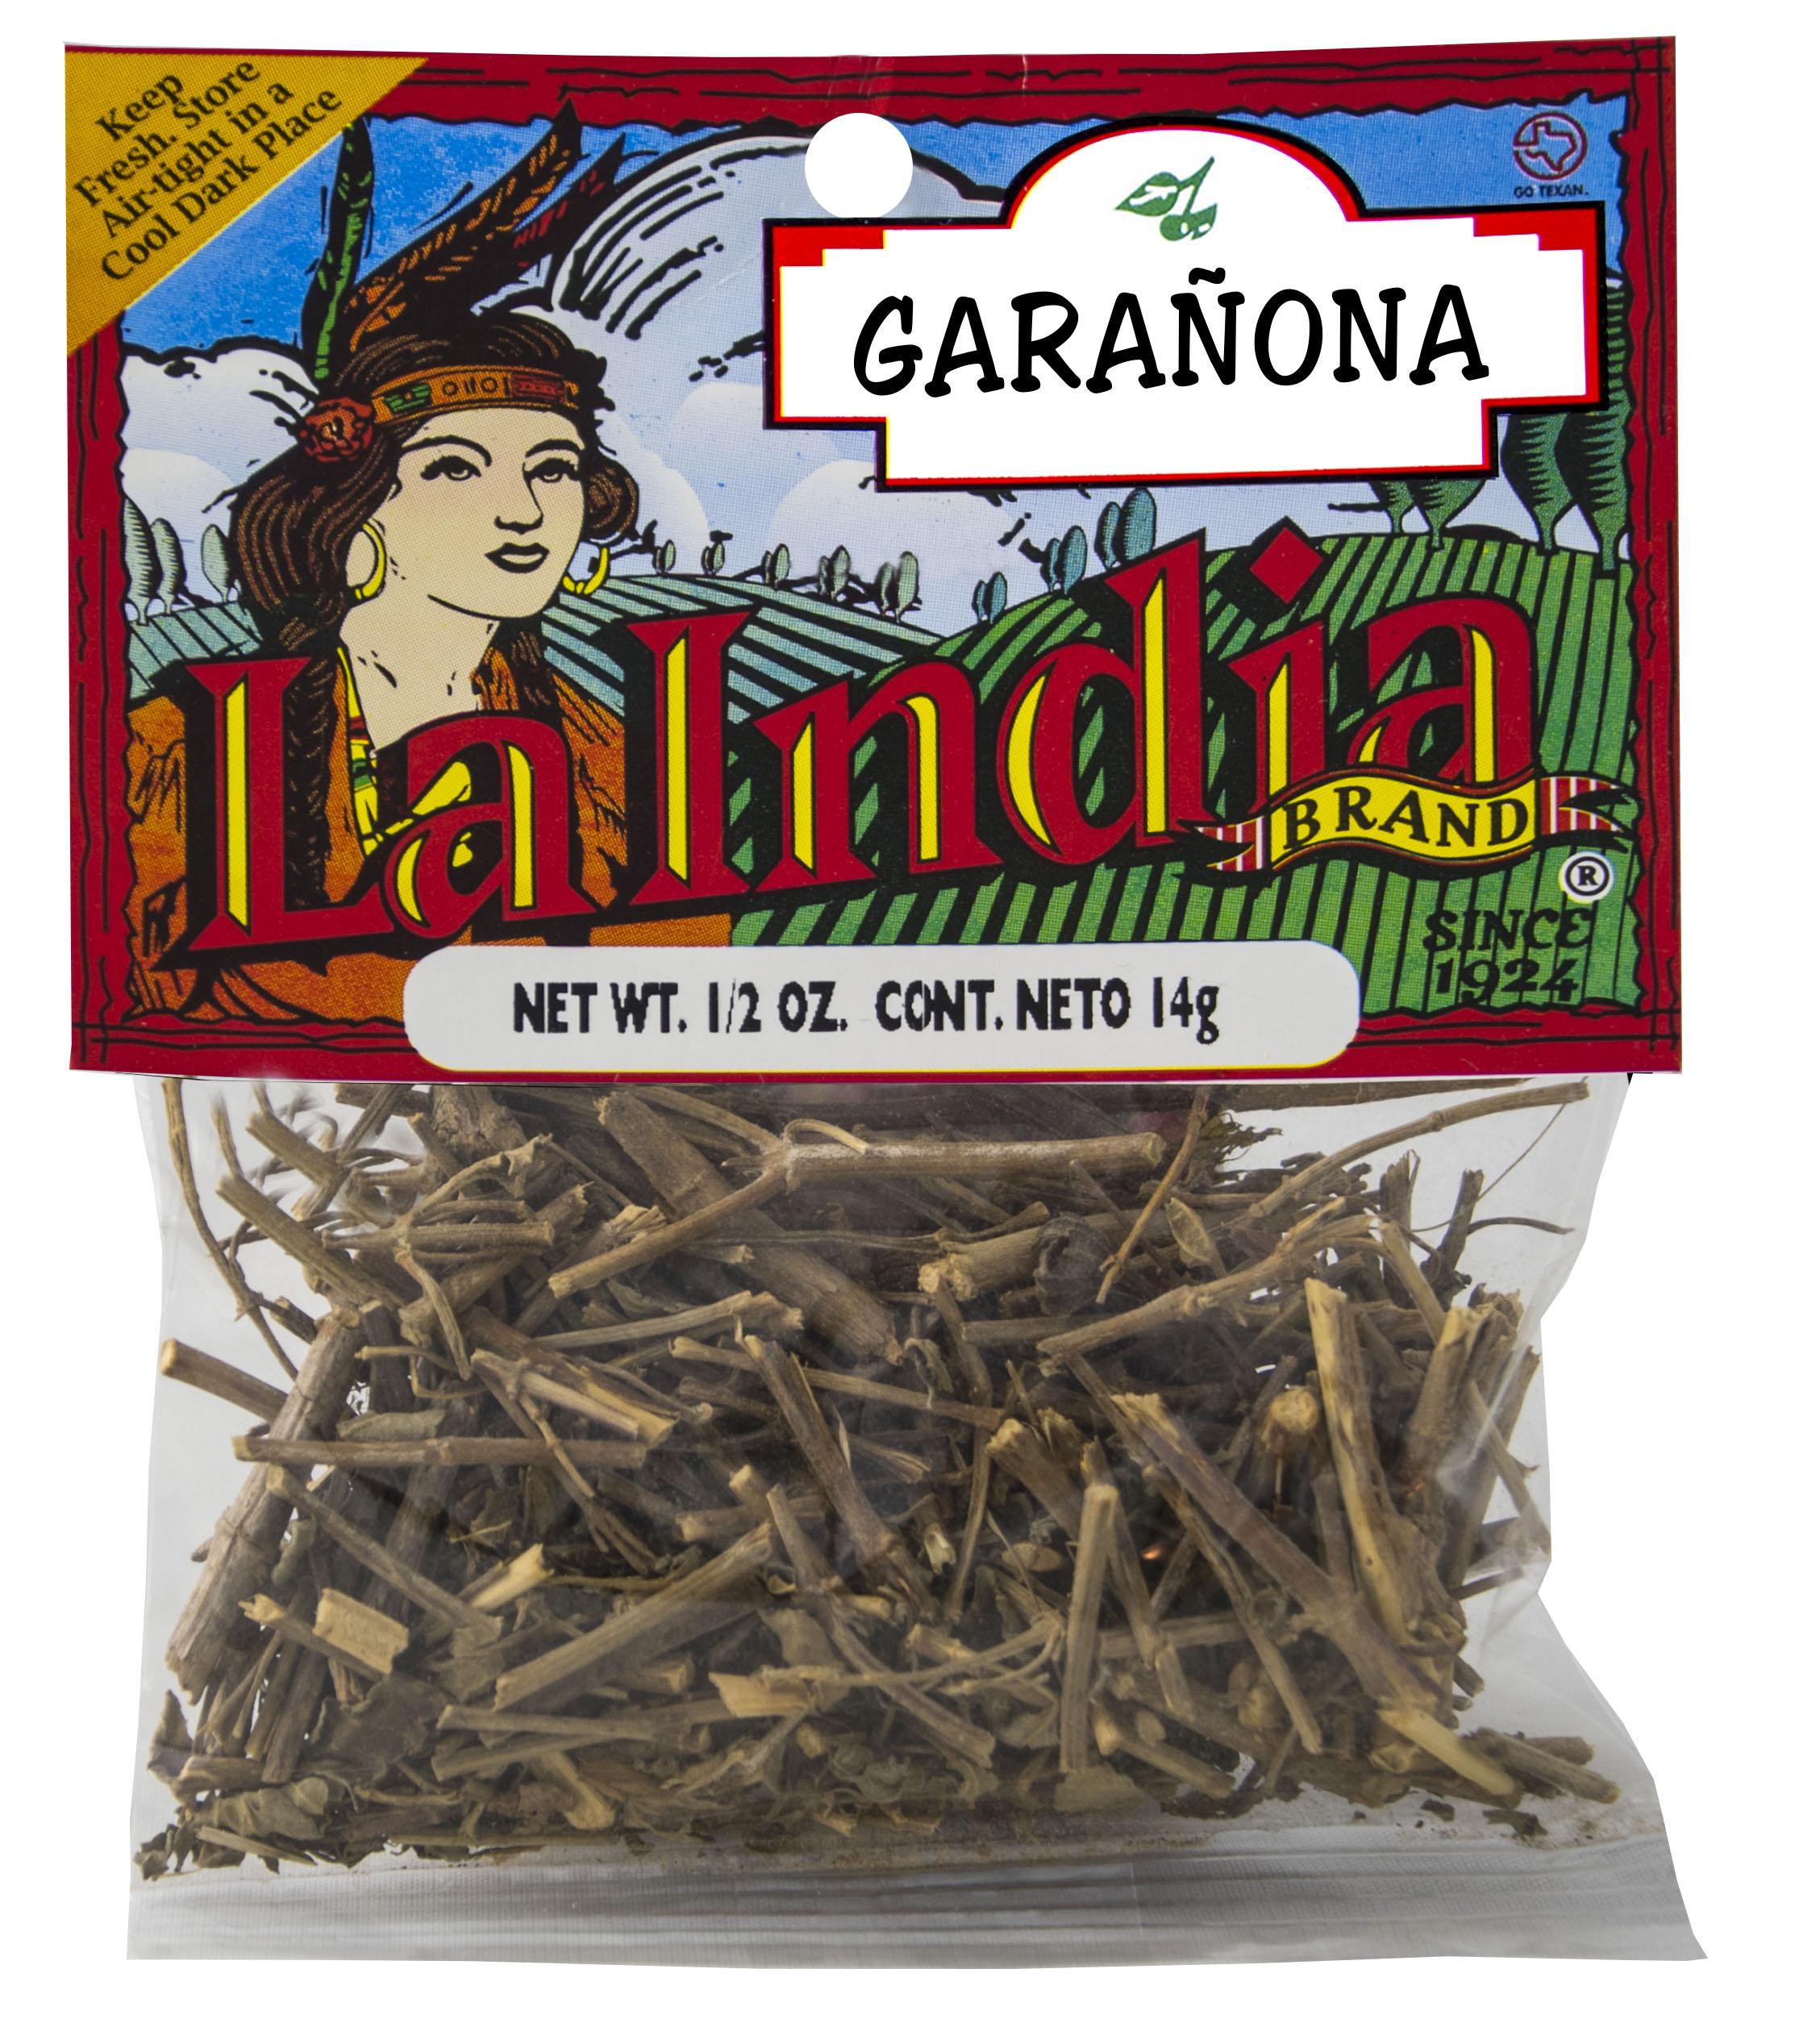 Garanona Cello Bags 0.5oz (Unit)